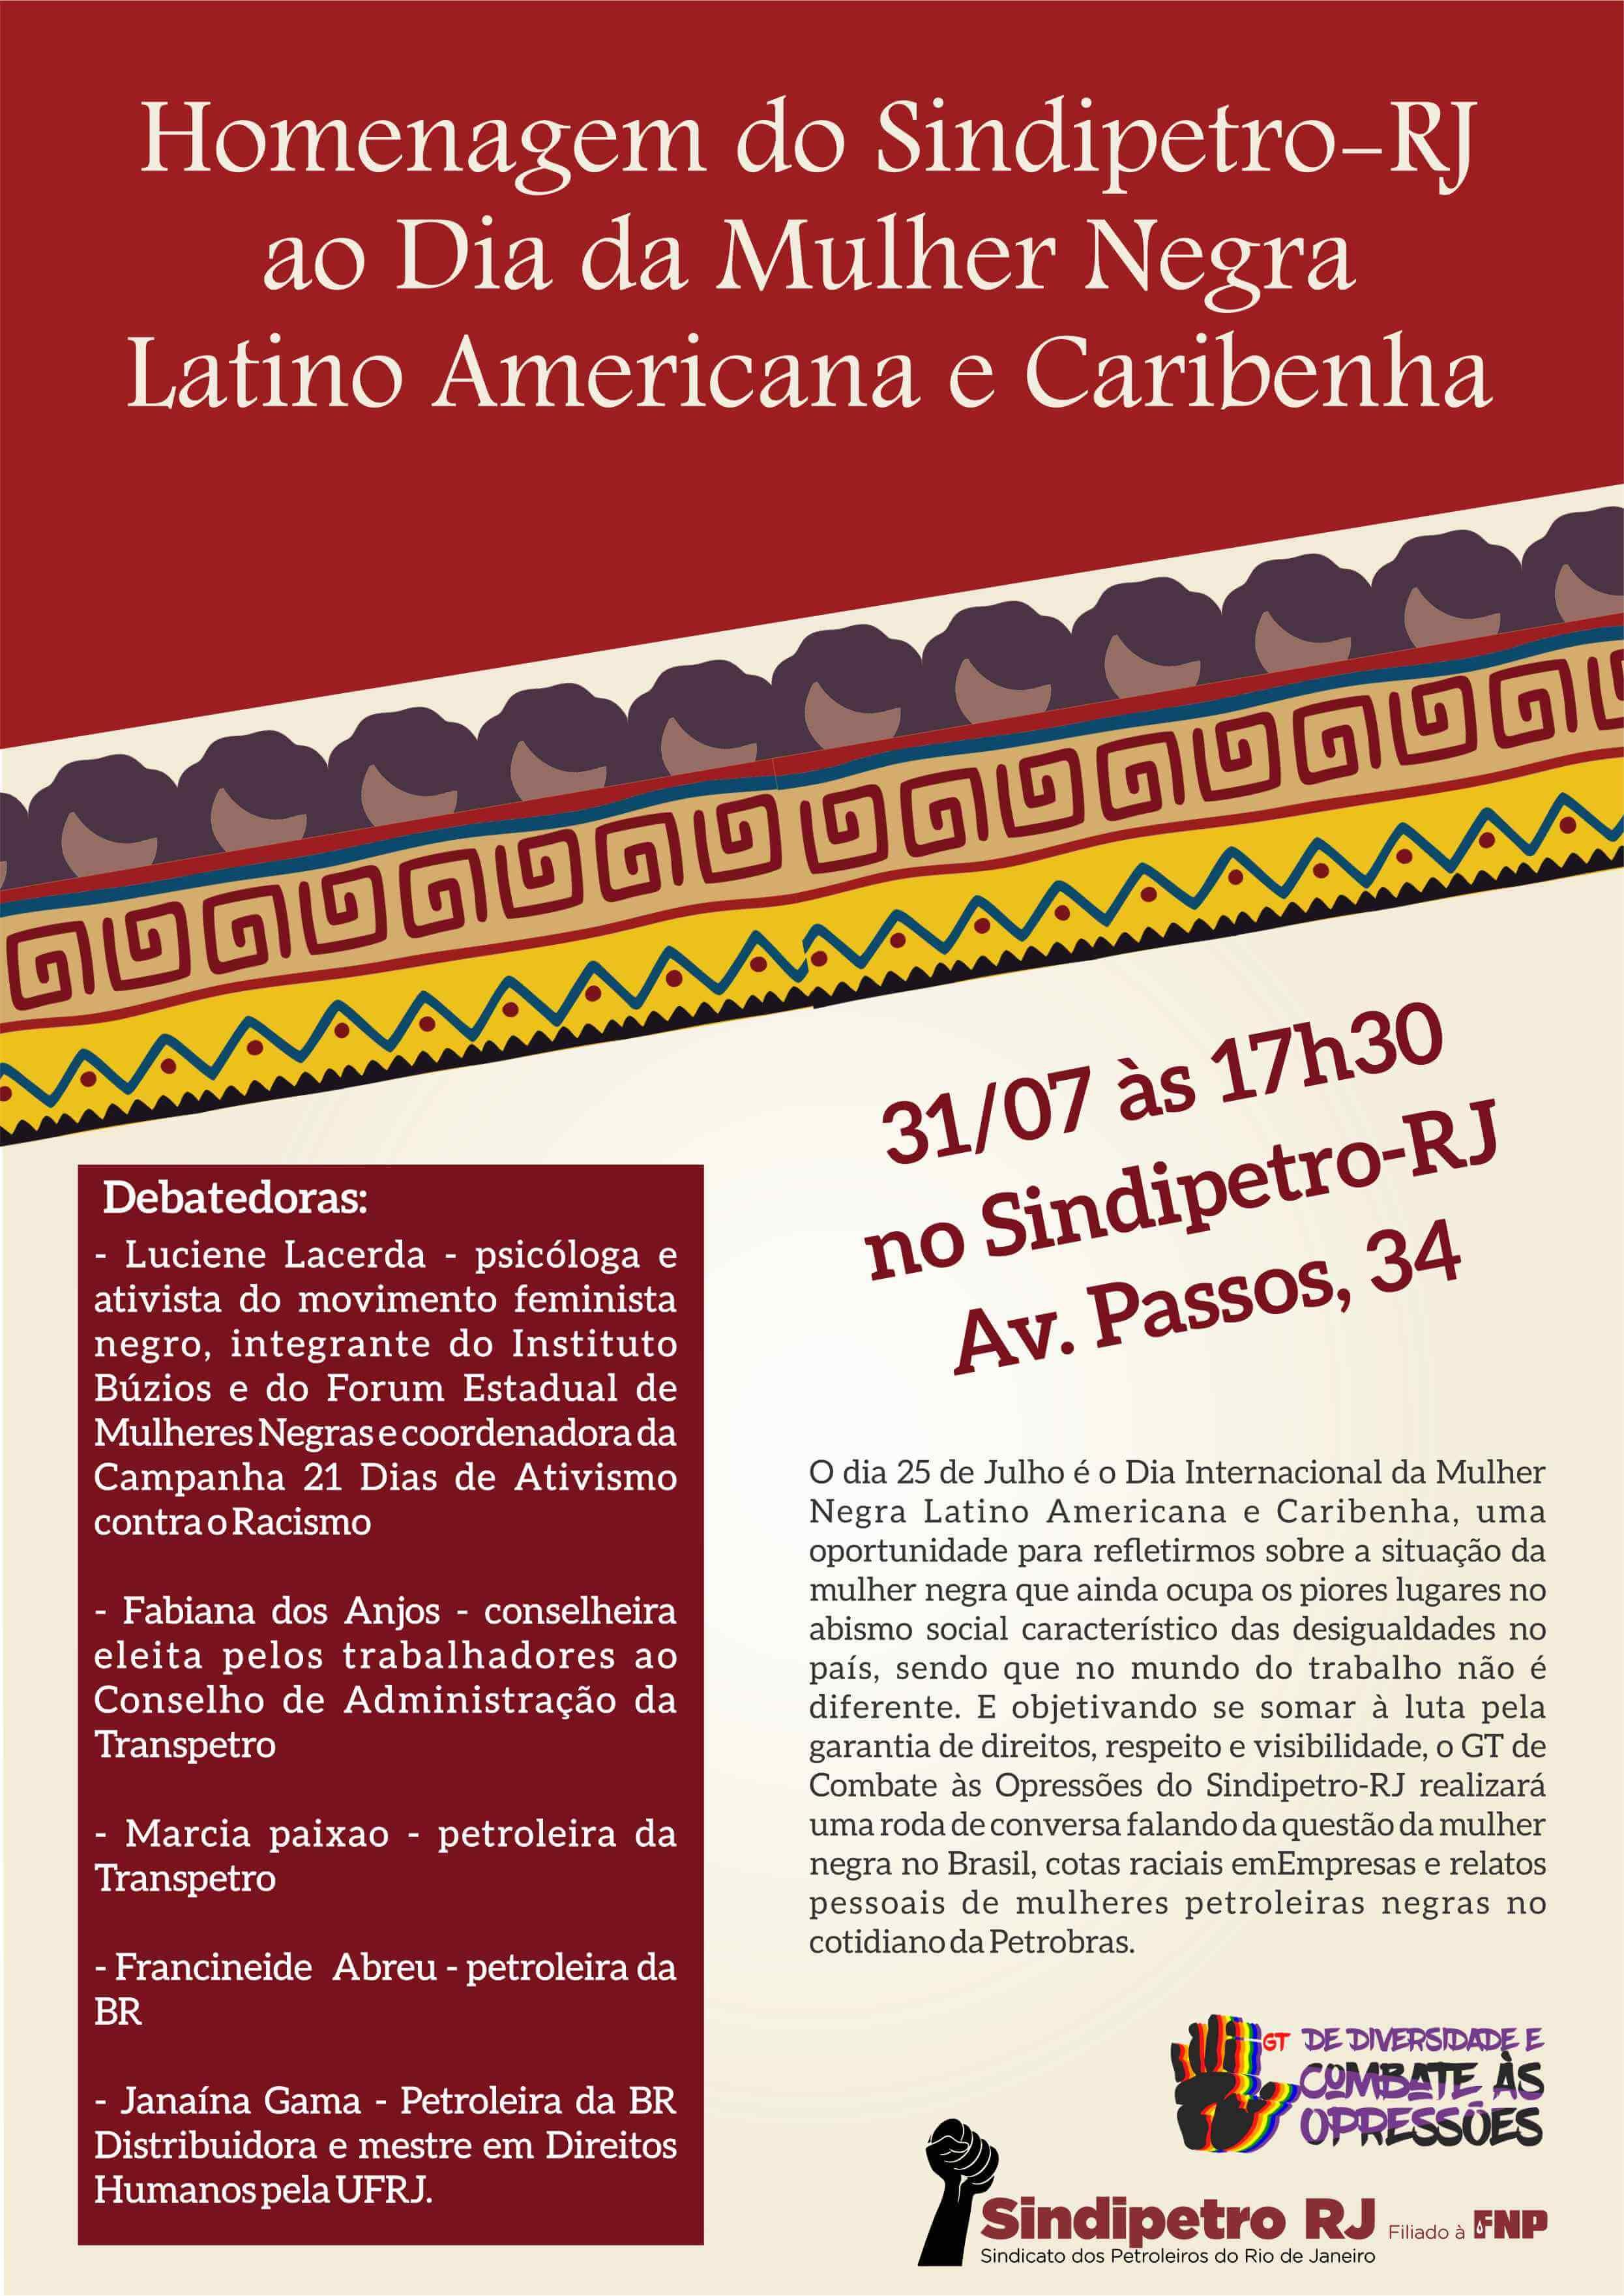 Homenagem do Sindipetro-RJ ao Dia da Mulher Dia da Mulher Negra Latino Americana e Caribenha debate mulheres negras